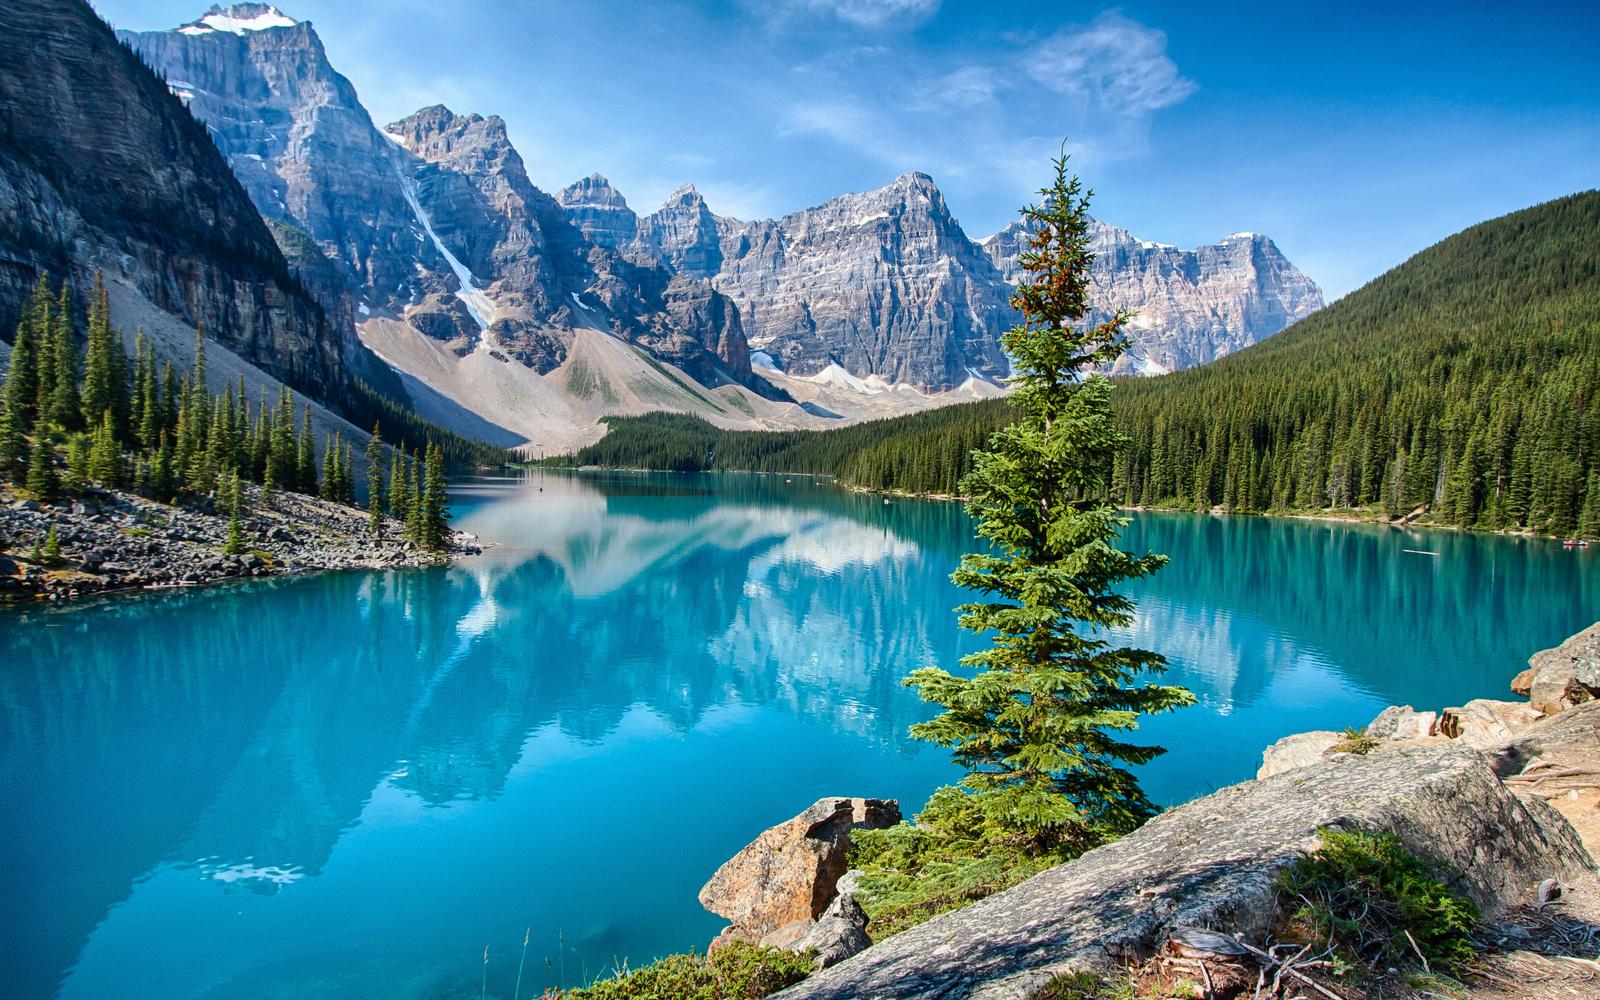 озеро и горы картинки